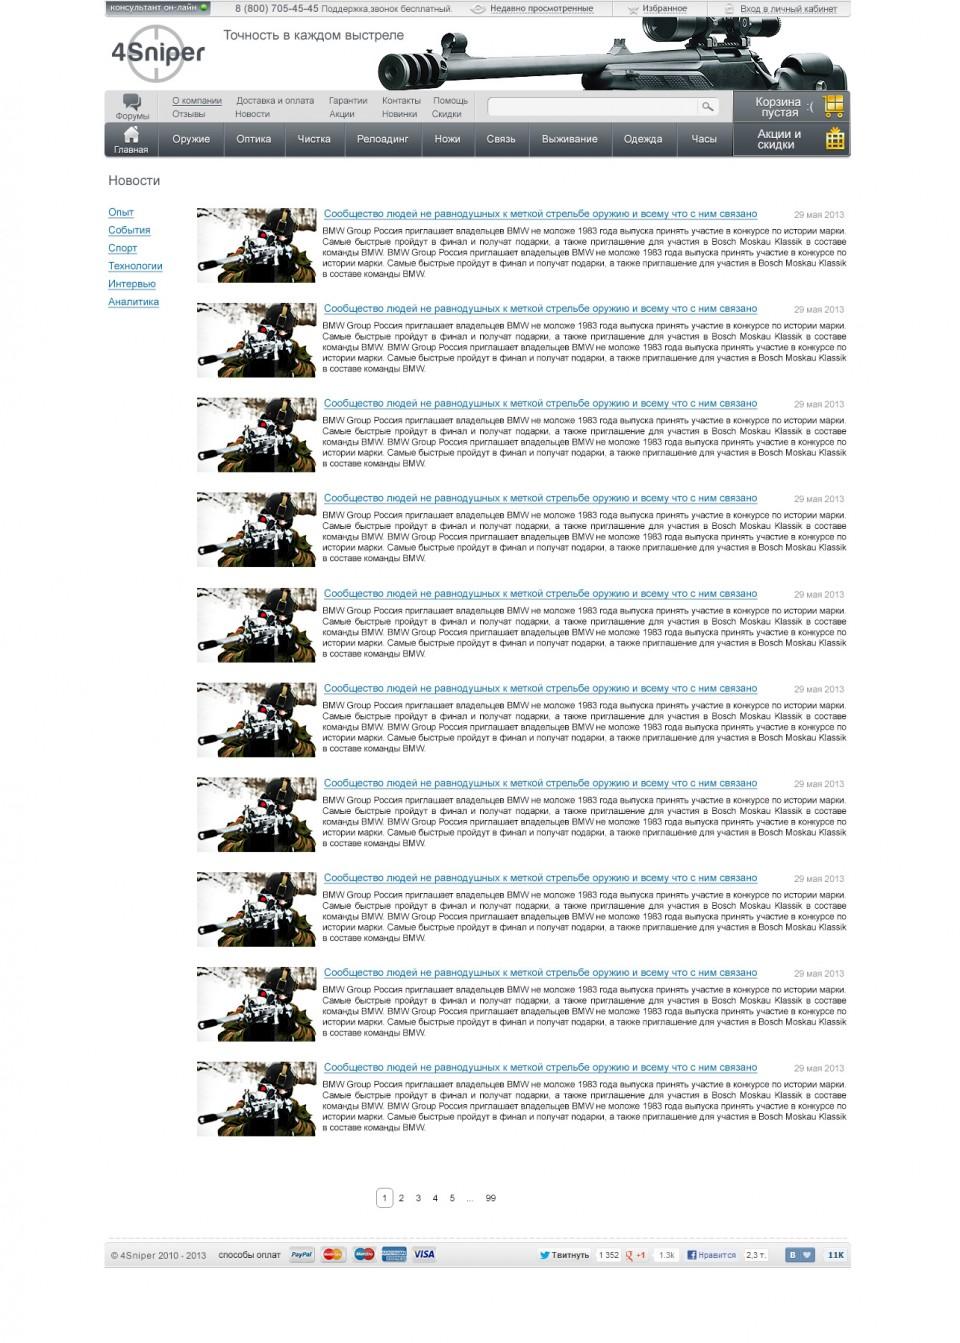 """Список новостей интернет-магазина амуниции и винтовок """"4Sniper"""""""